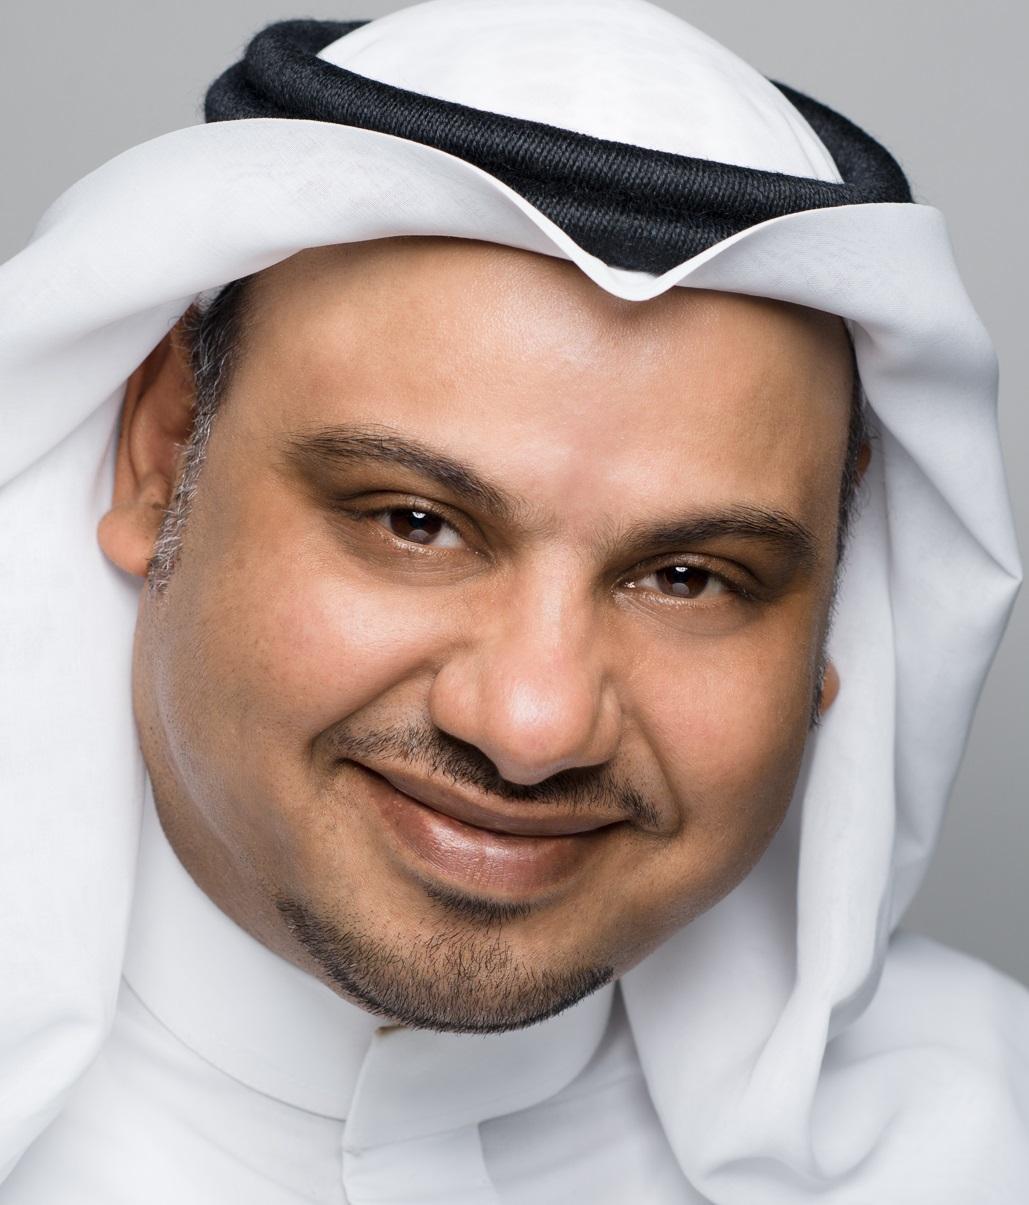 Rayan profile pic